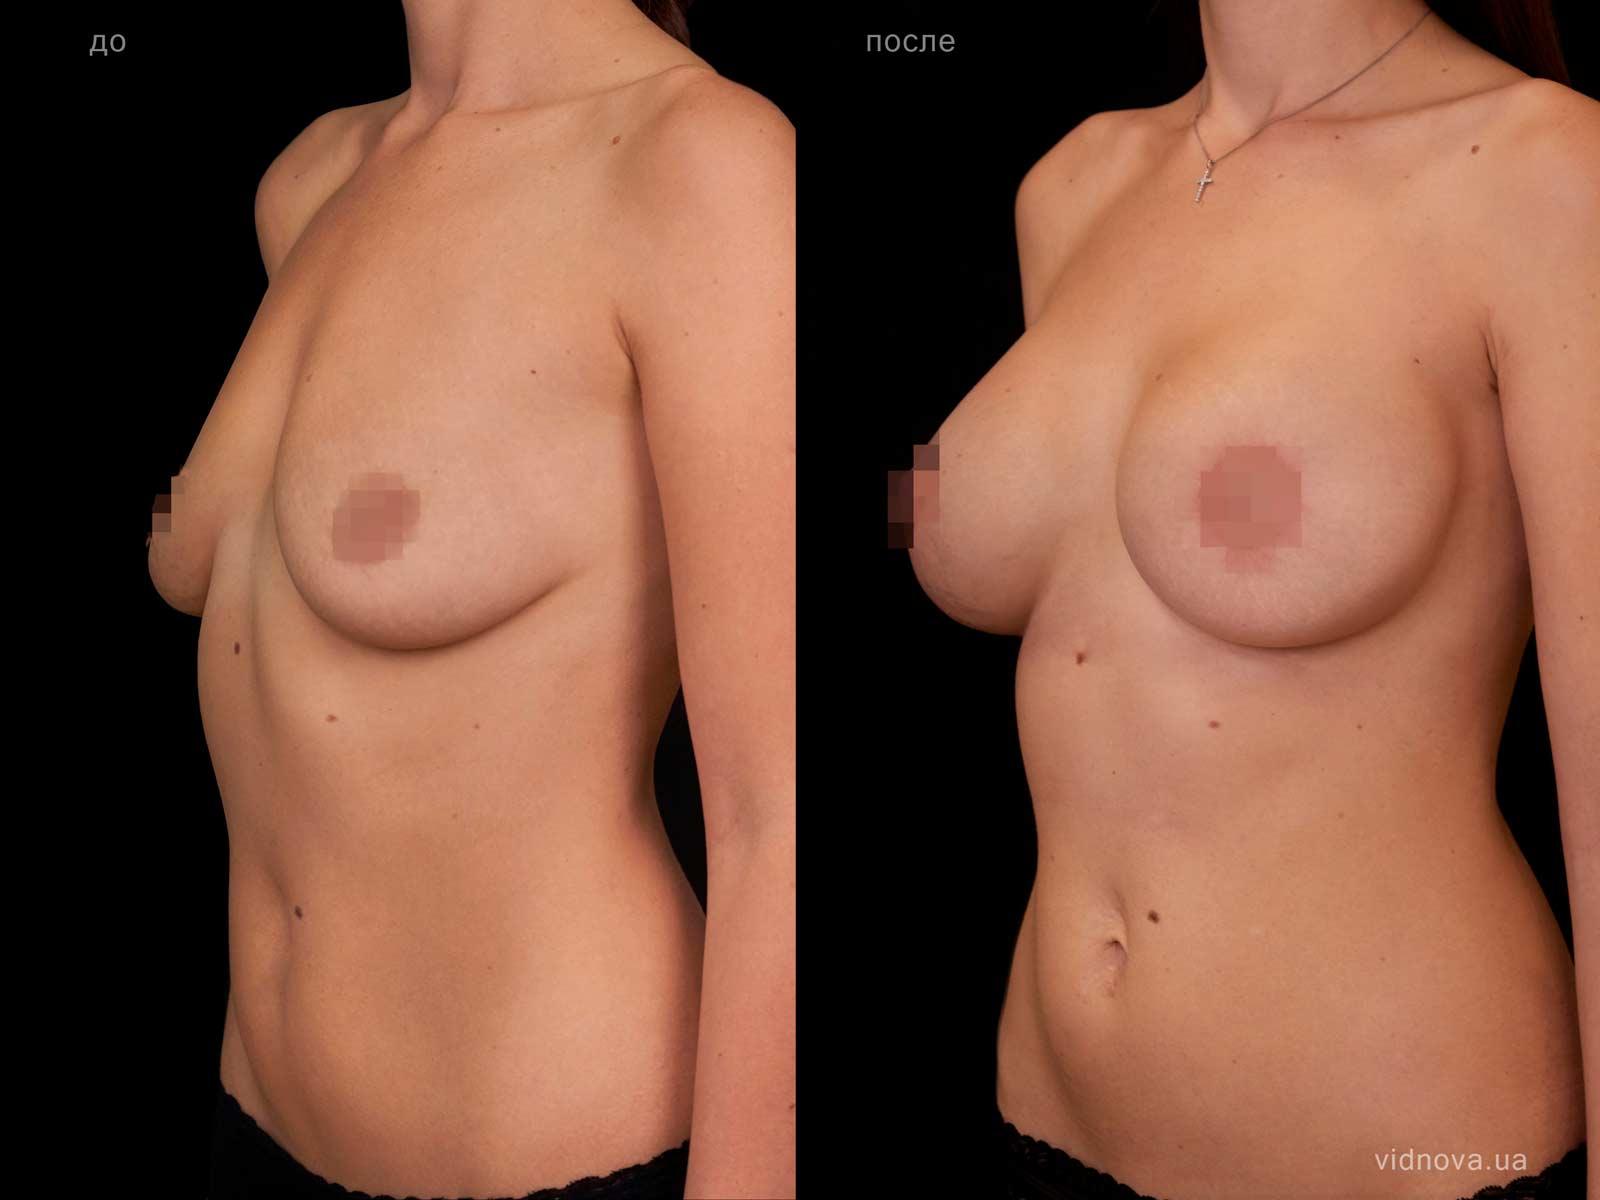 Пластика груди: результаты до и после - Пример №105-1 - Светлана Работенко